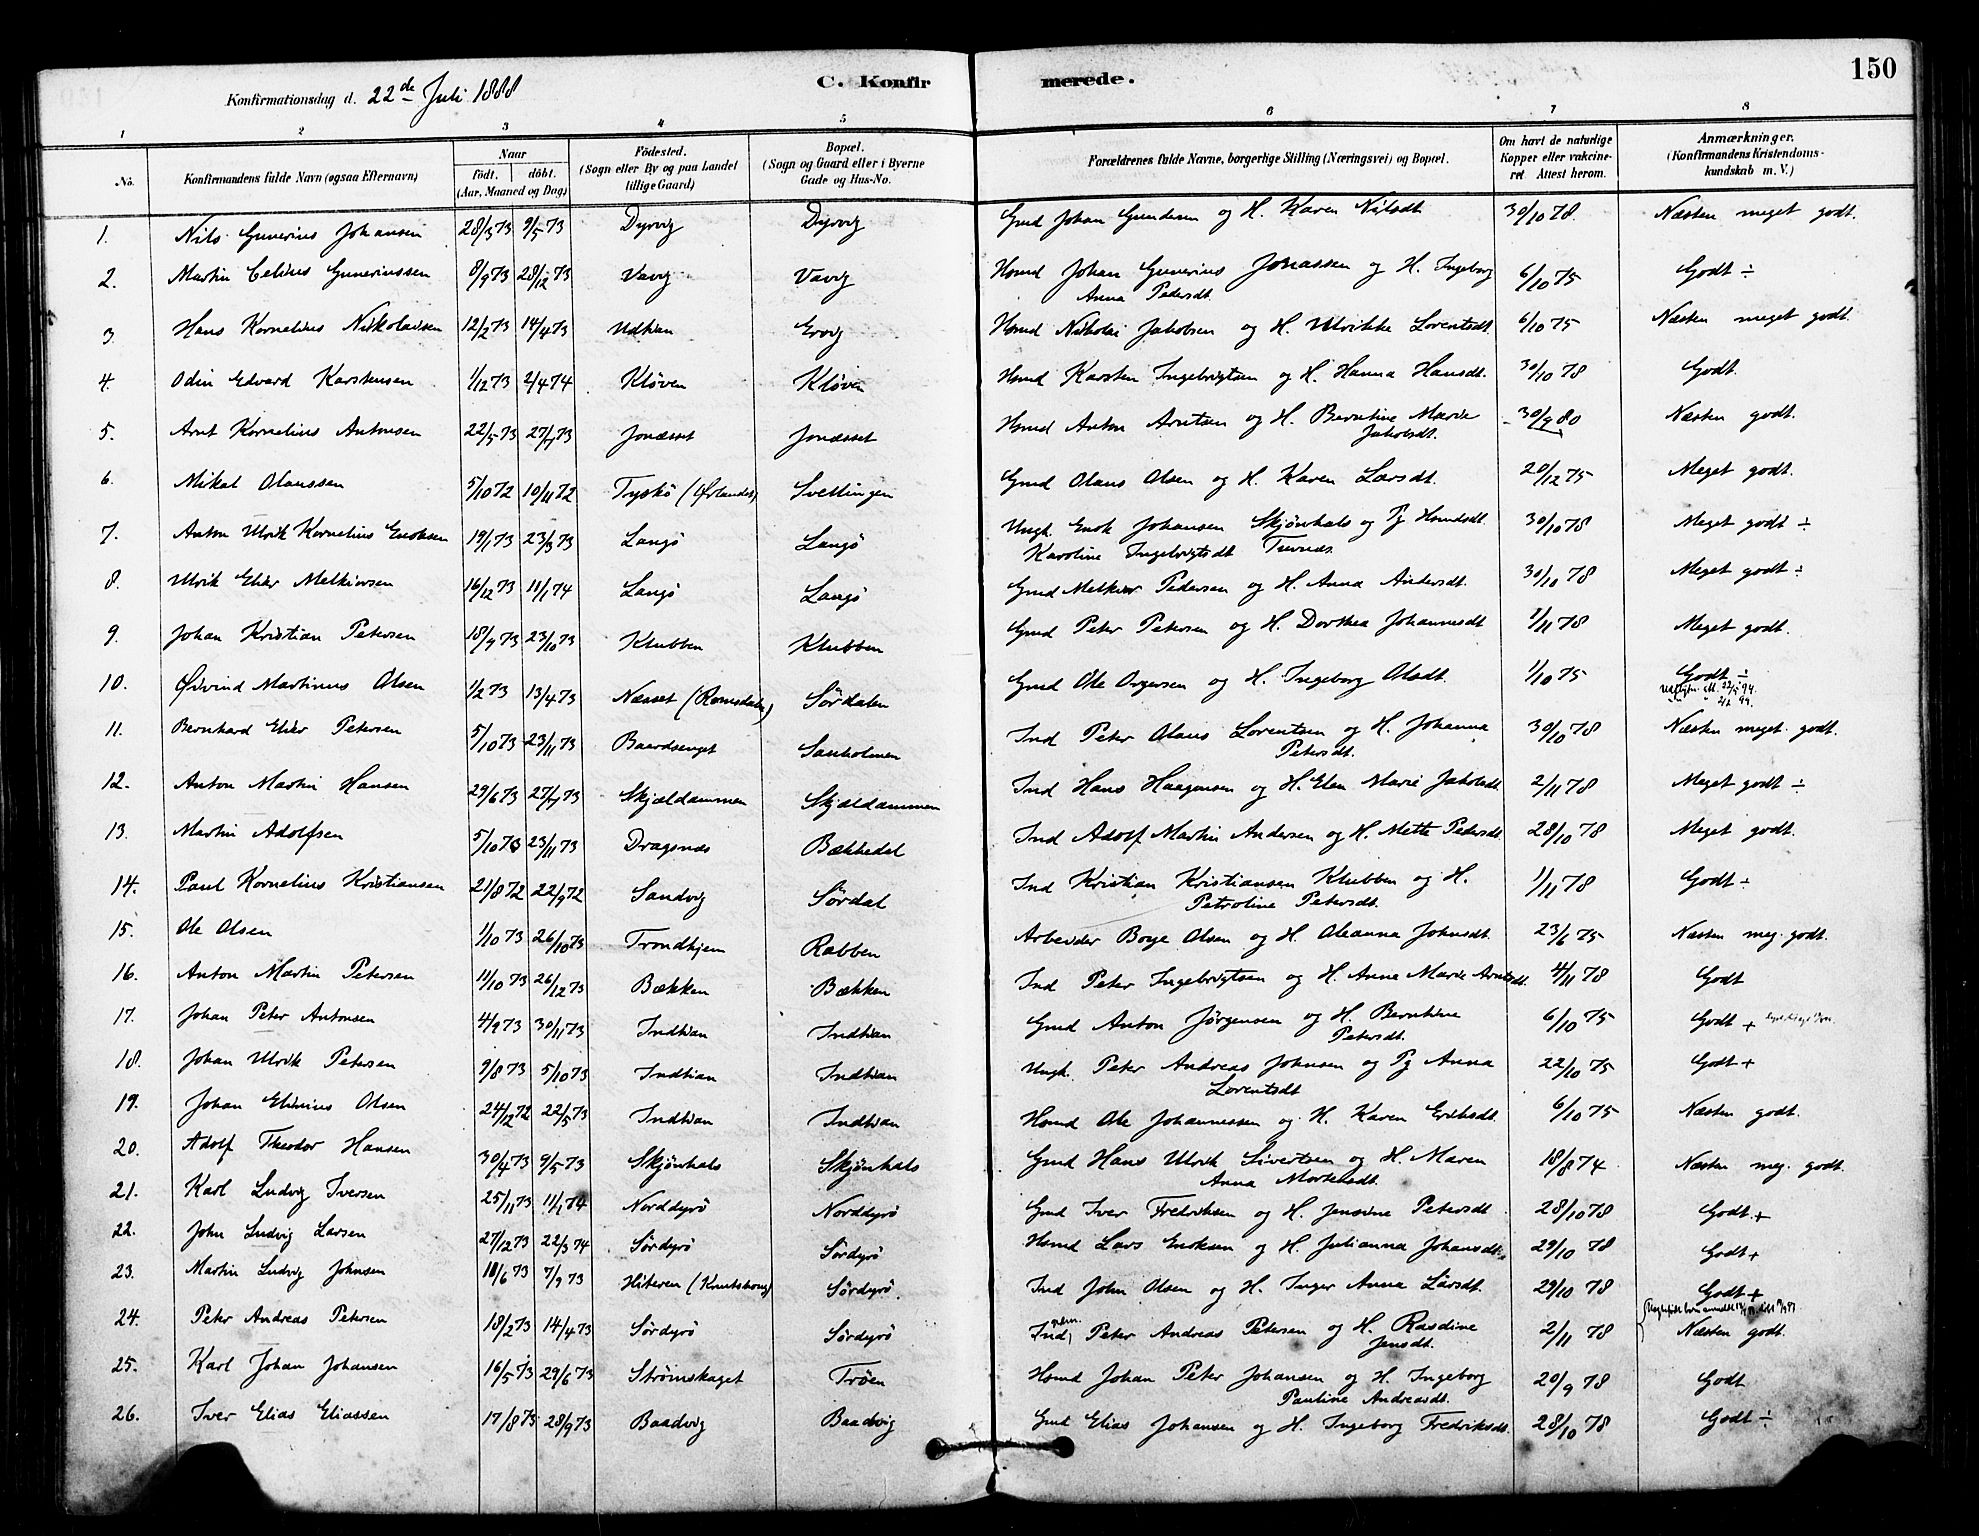 SAT, Ministerialprotokoller, klokkerbøker og fødselsregistre - Sør-Trøndelag, 640/L0578: Ministerialbok nr. 640A03, 1879-1889, s. 150